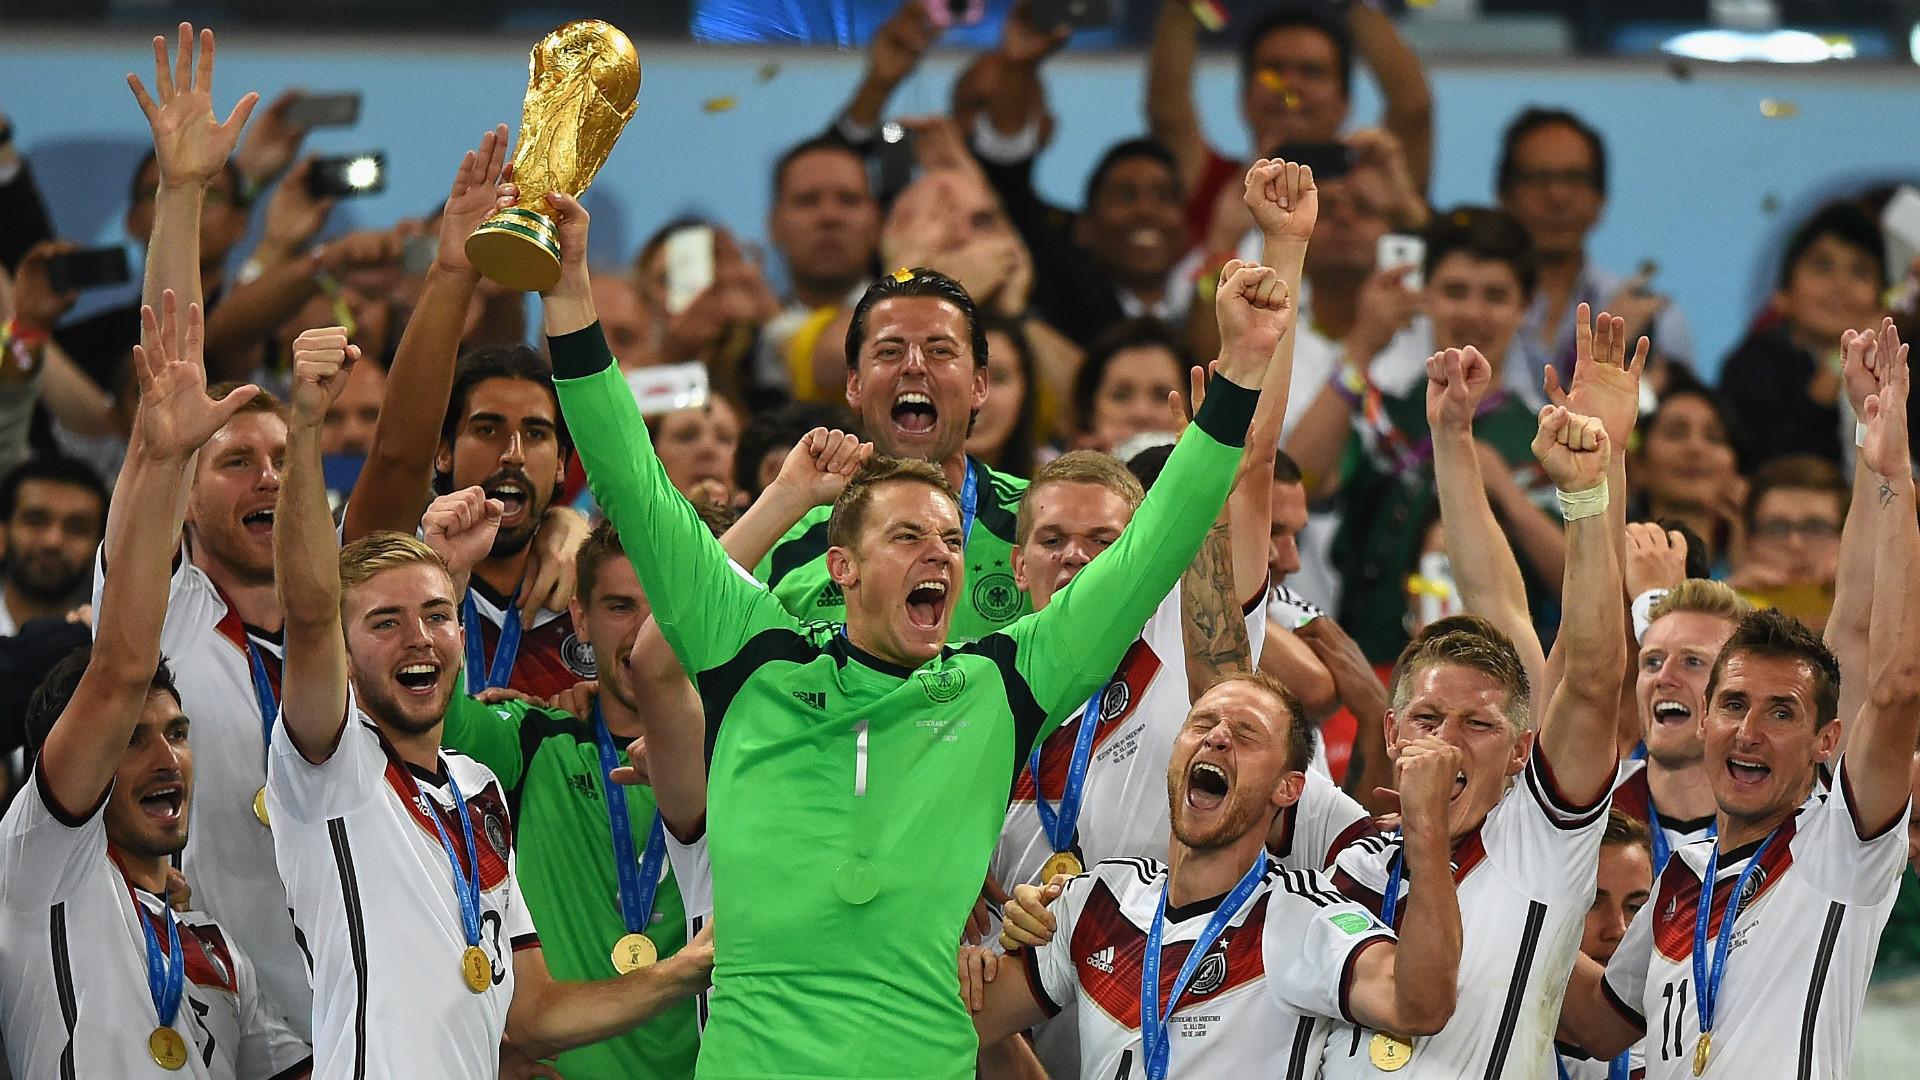 Manuel Neuer Alemanha campeã Copa do Mundo 2014